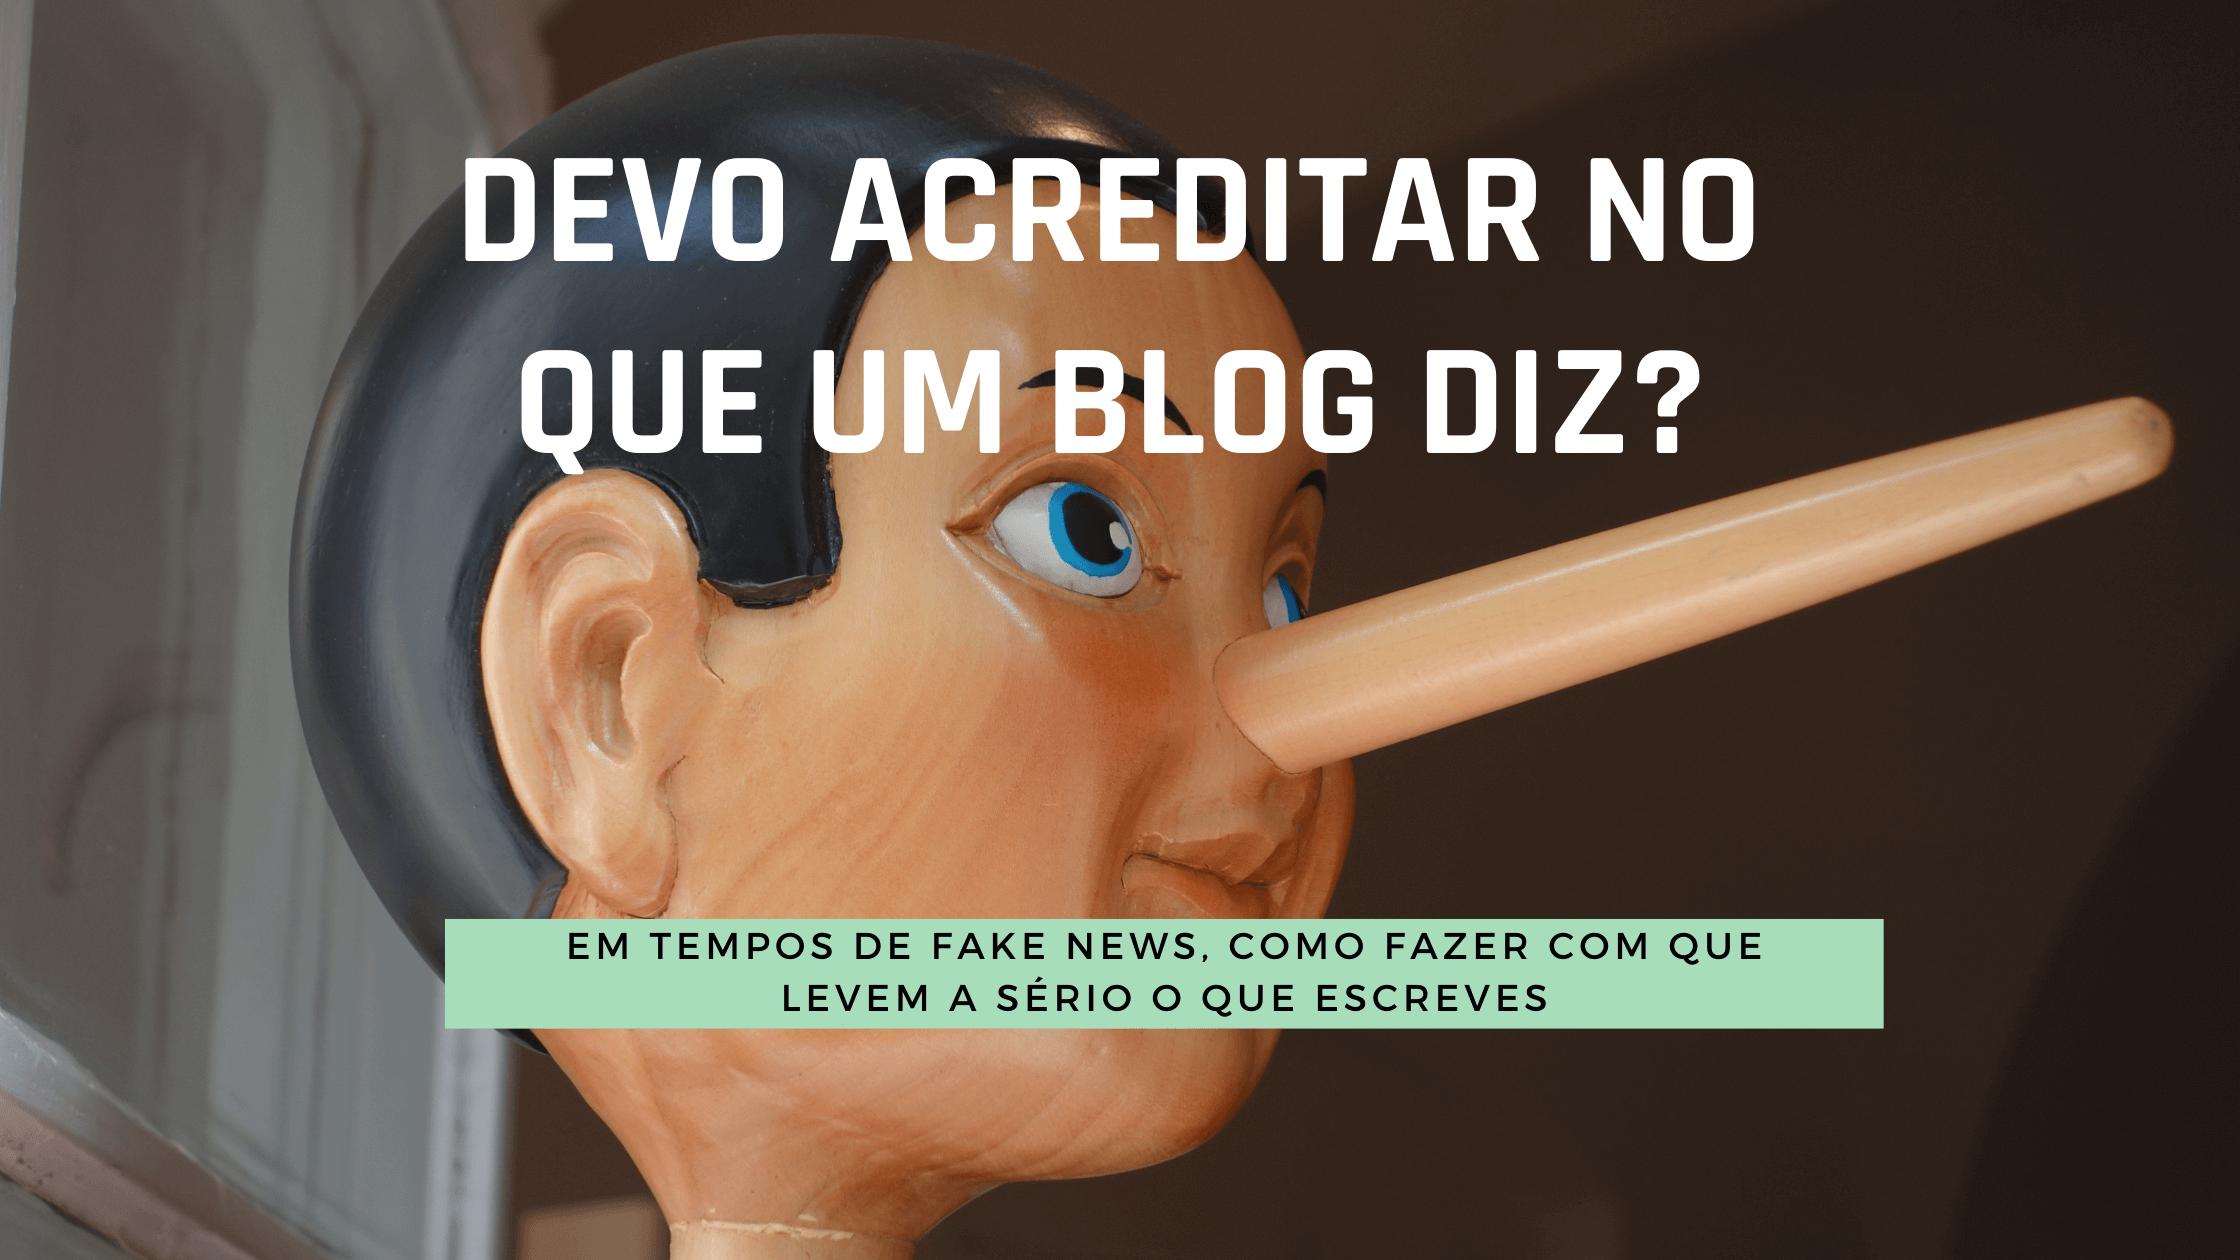 Credibilidade: Devo acreditar no que um blog diz?